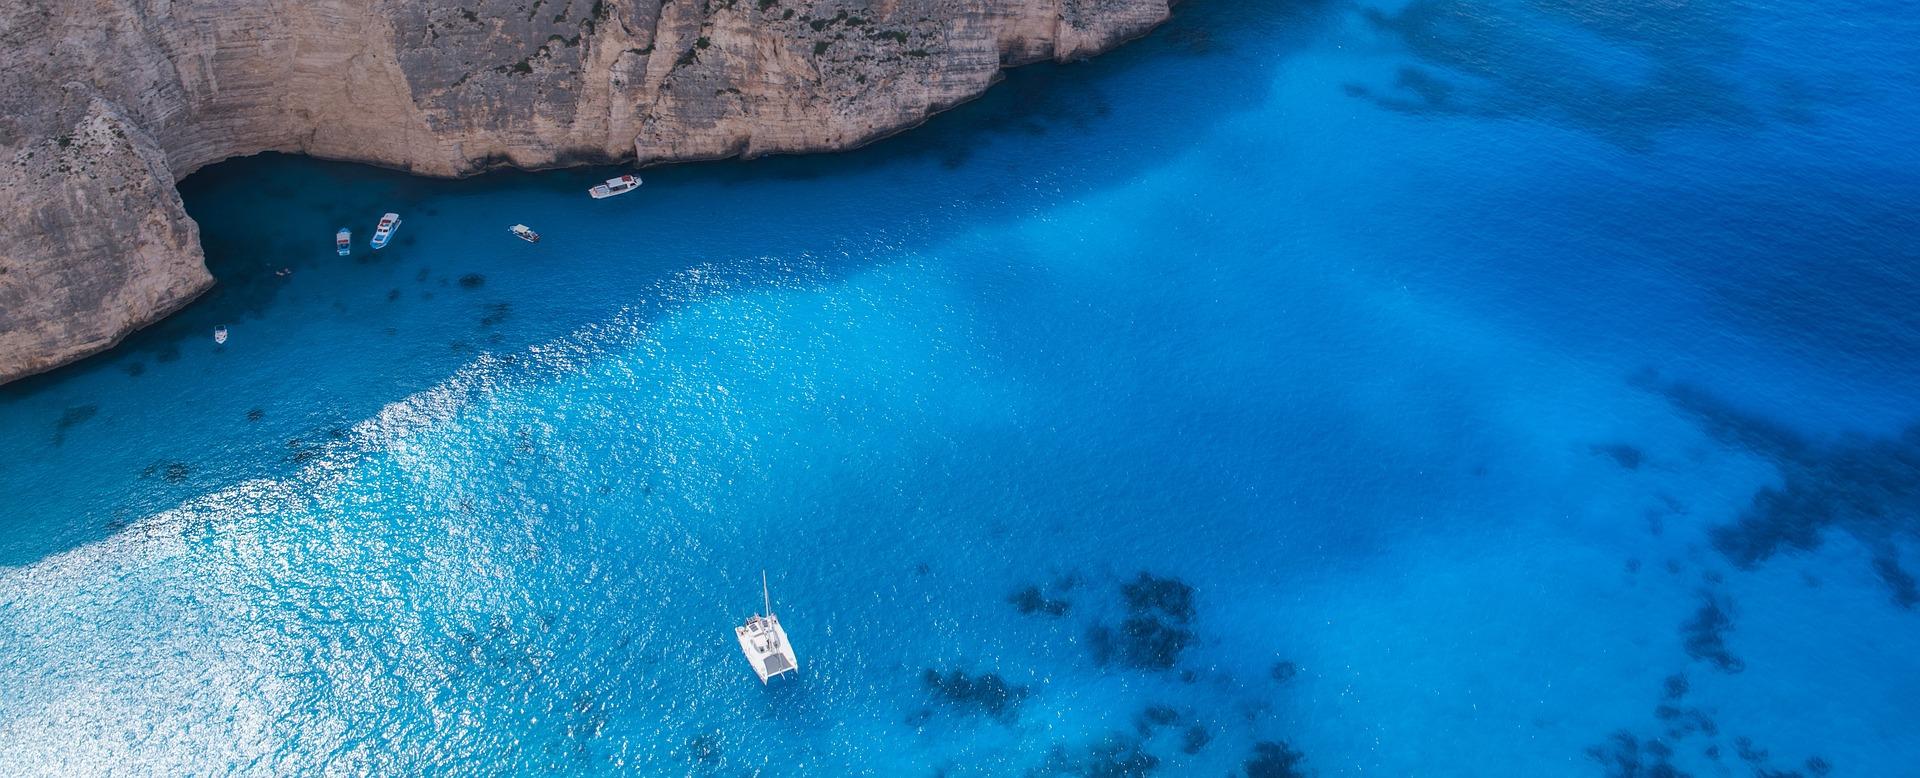 Vacanza con barca a noleggio